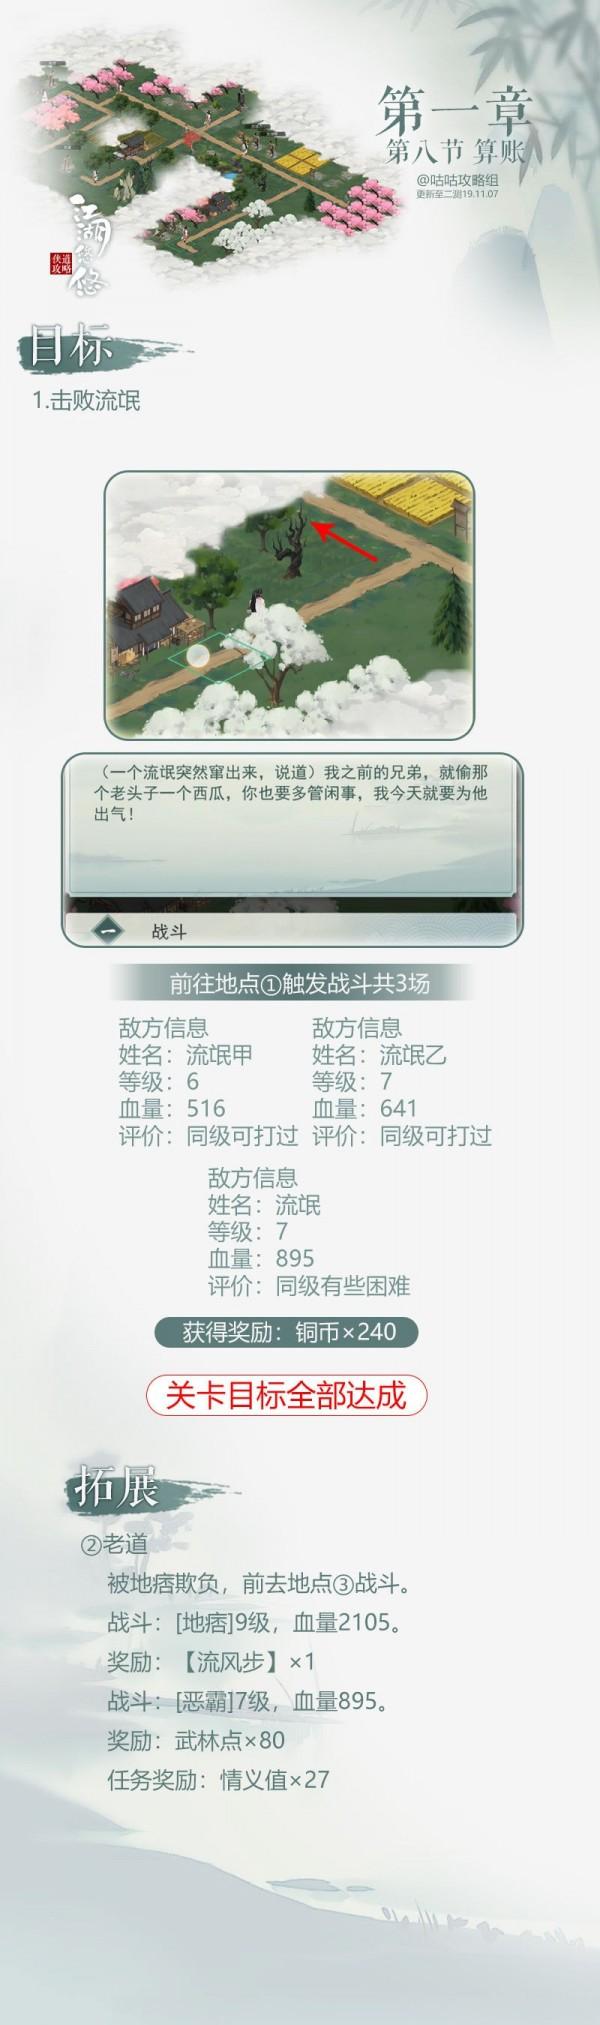 江湖悠悠手游第一章第八节怎么过 1-8通关流程一览